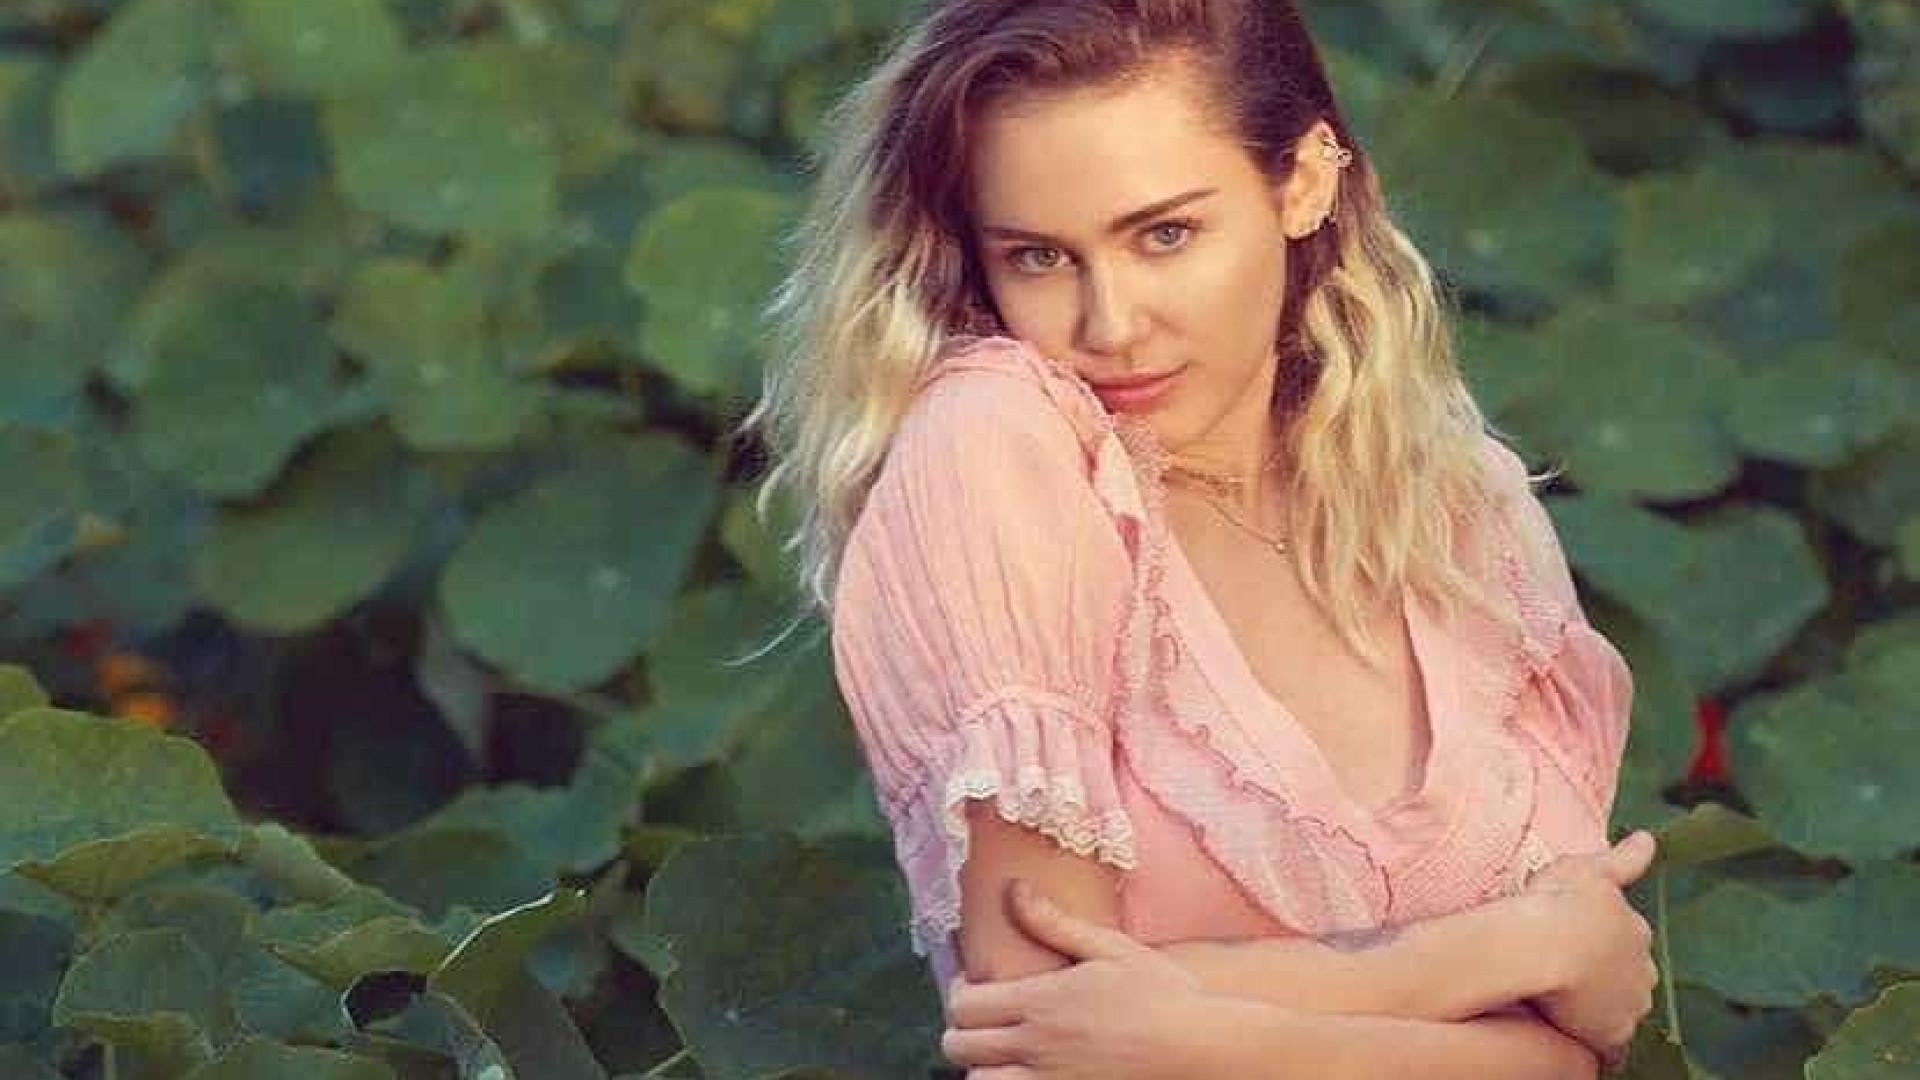 Miley Cyrus apaga fotos das redes sociais... o que estará a preparar?